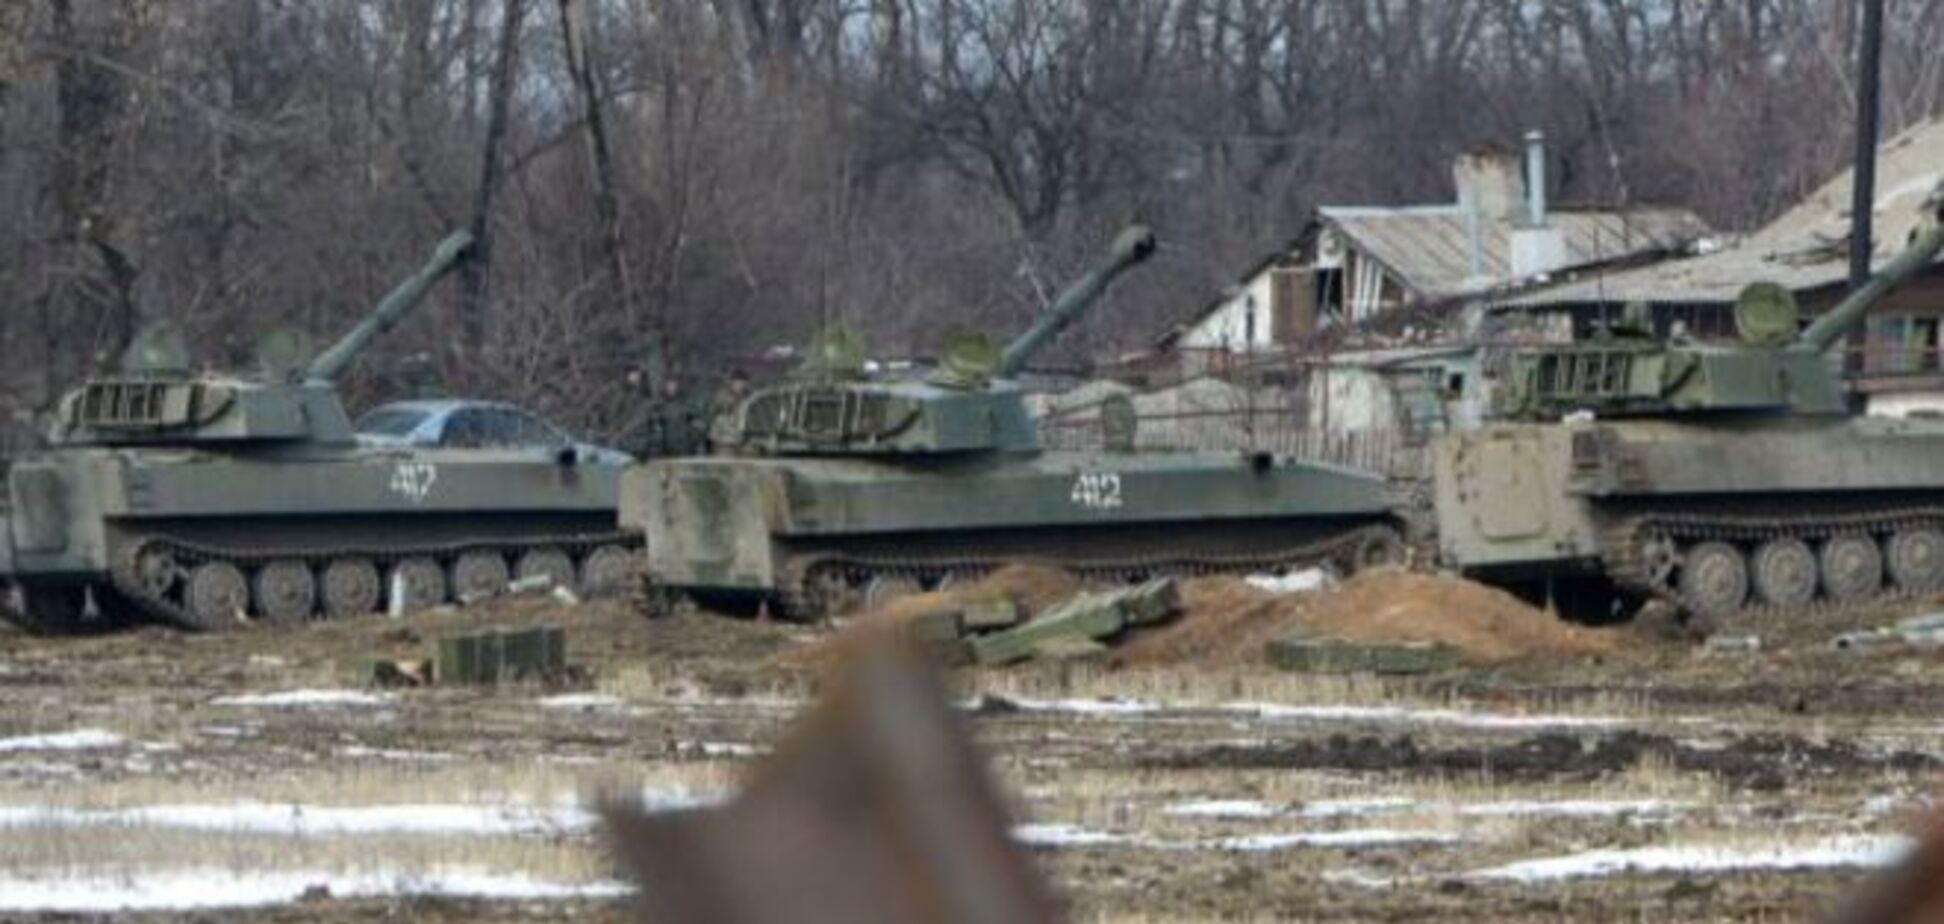 Россия отдала боевикам оружие, которое захватила в Грузии – польский эксперт